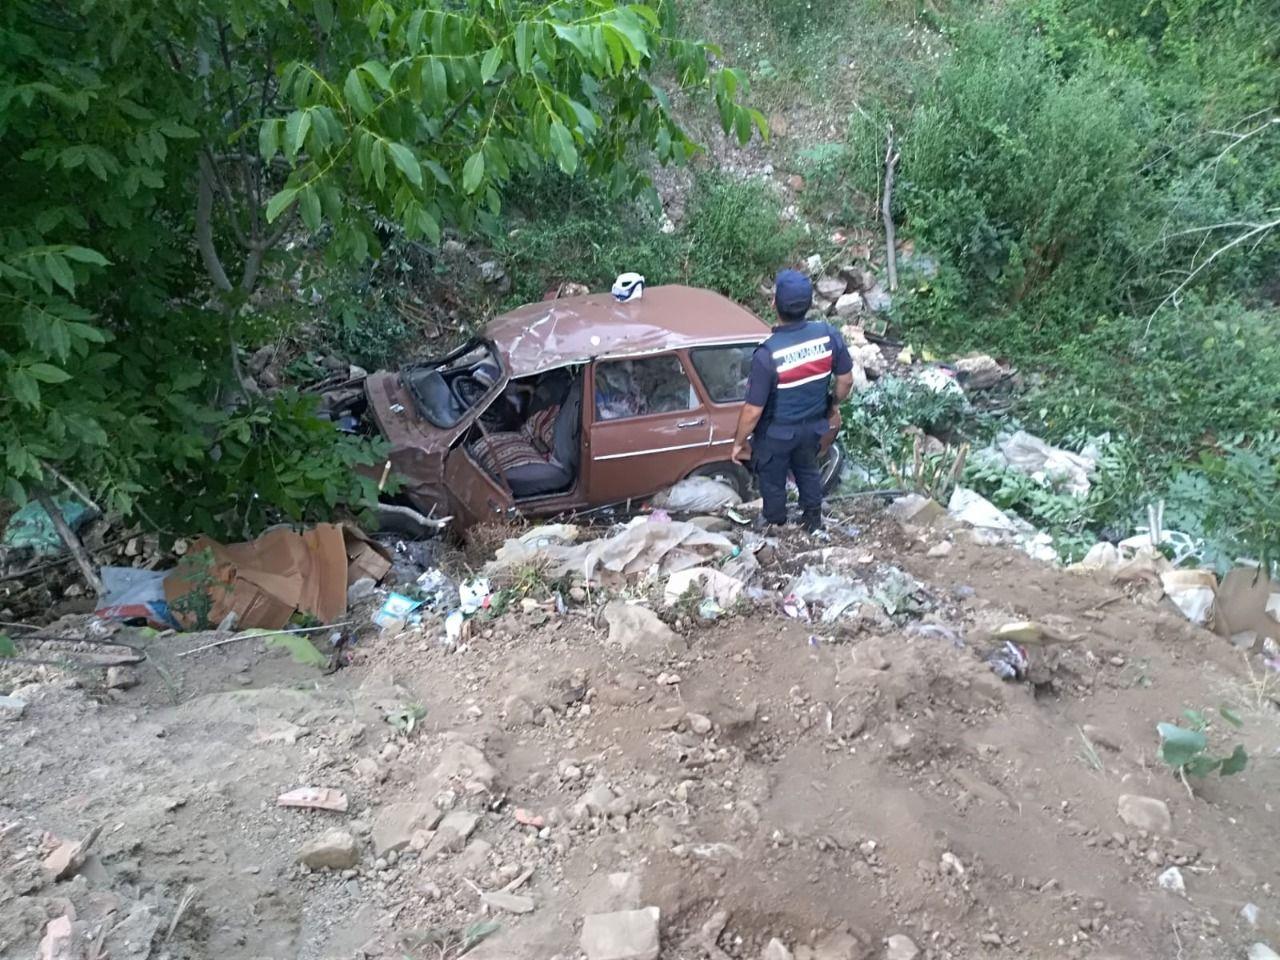 Aydın'da otomobil şarampole devrildi: 1 ölü, 1 yaralı